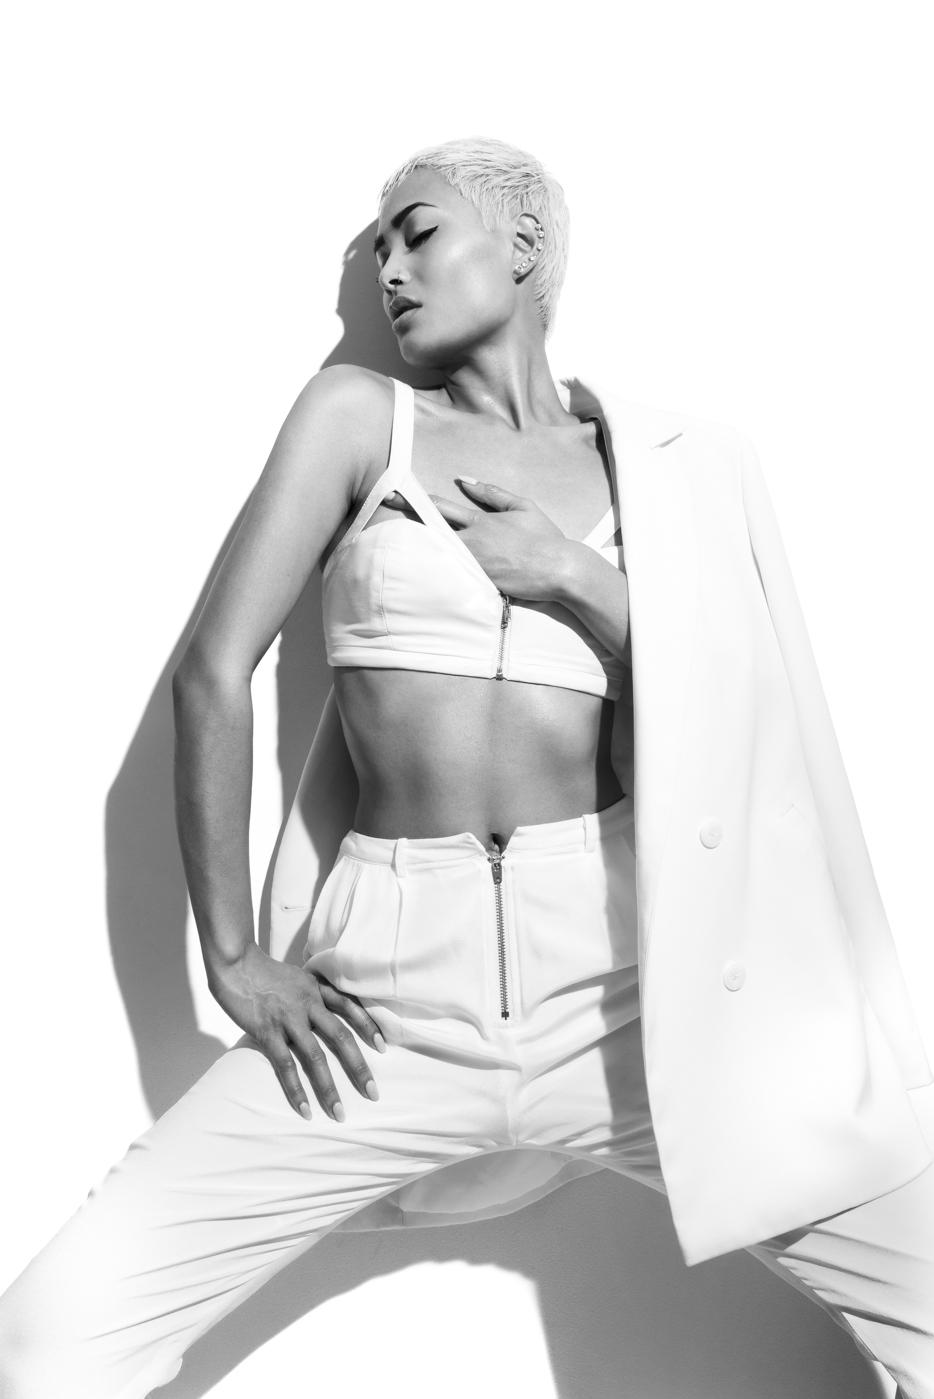 Micah Gianneli X Mossman Platinum | BMN S/S Campaign | By Jesse